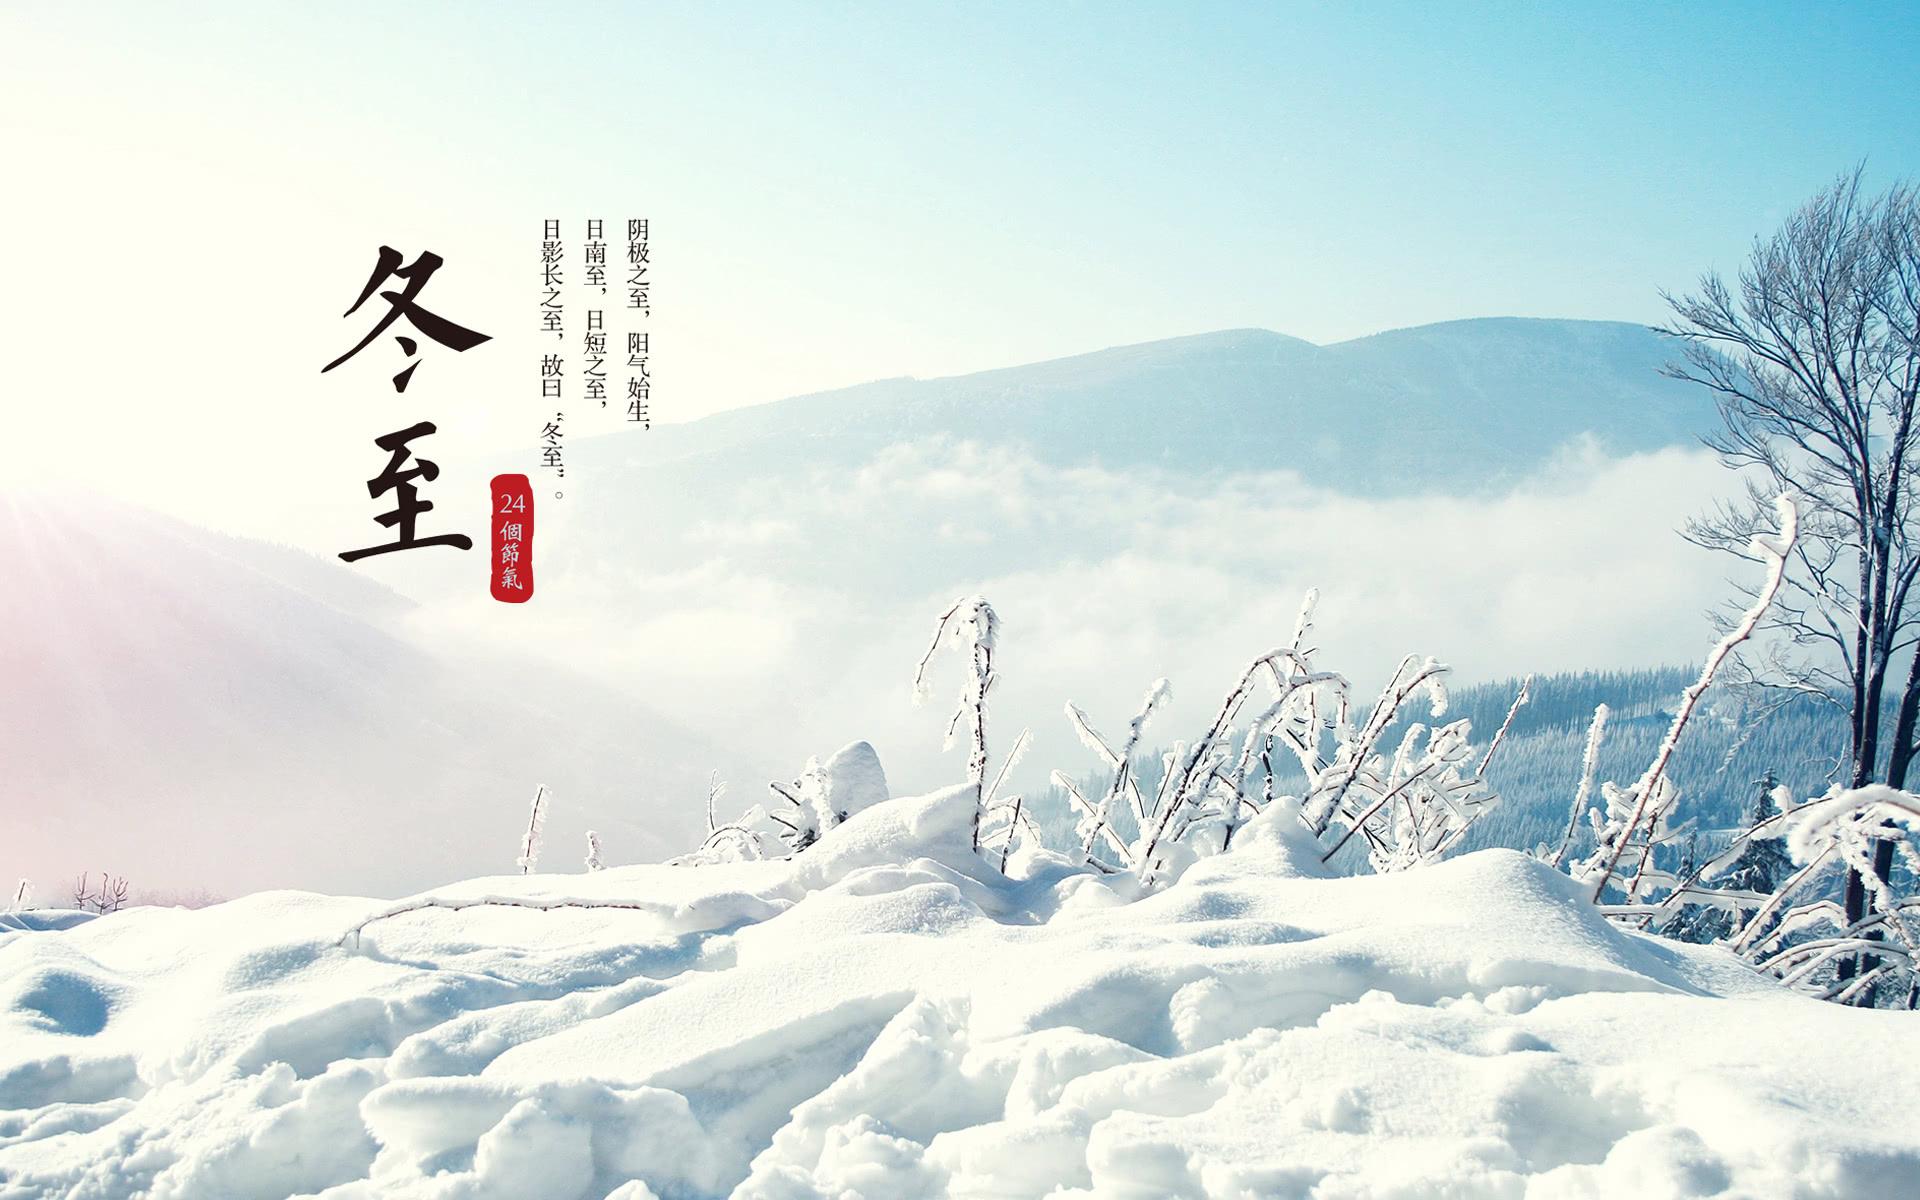 冬至到,祝福到,2019年冬至节微信祝福语大全